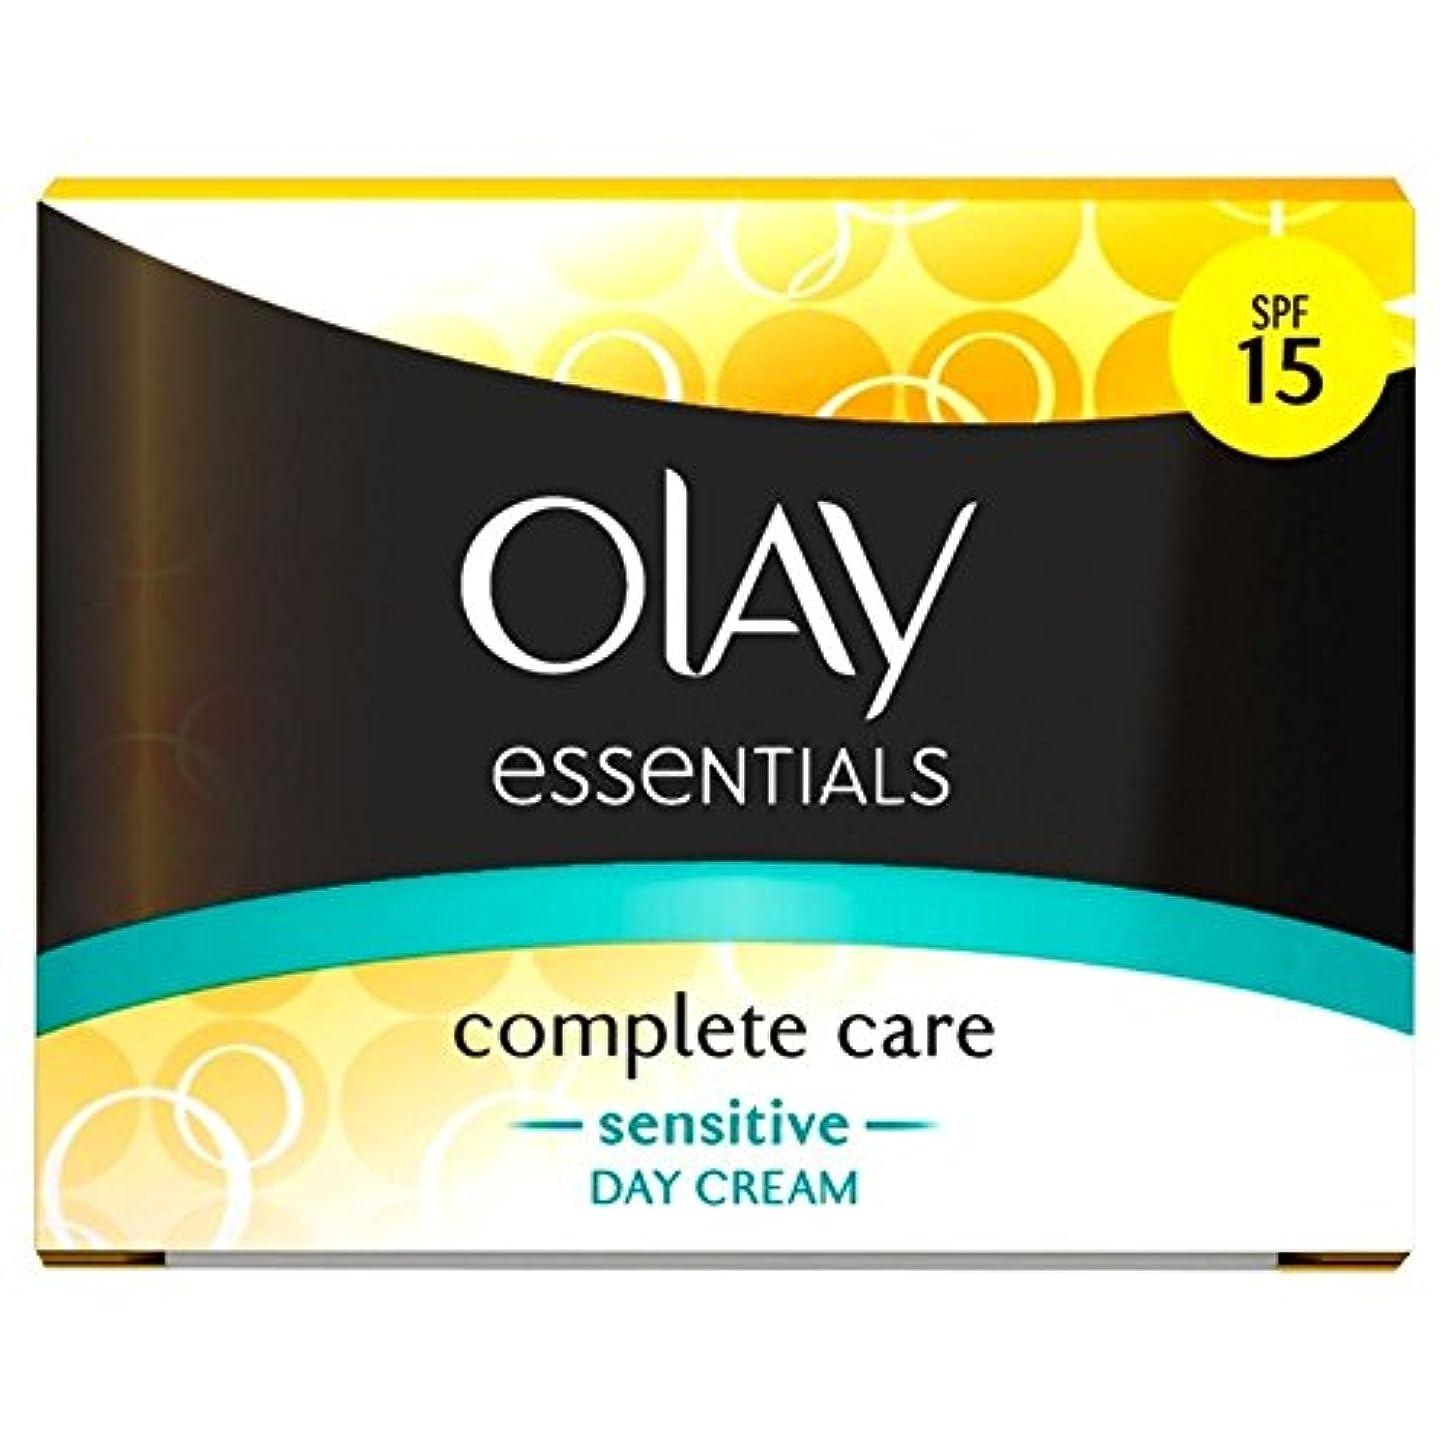 適応するスタジアム壁紙Olay Complete Care Daily Sensitive UV Cream SPF 15 (50ml) オーレイコンプリートケア毎日の敏感なuvクリームspf 15 ( 50ミリリットル)